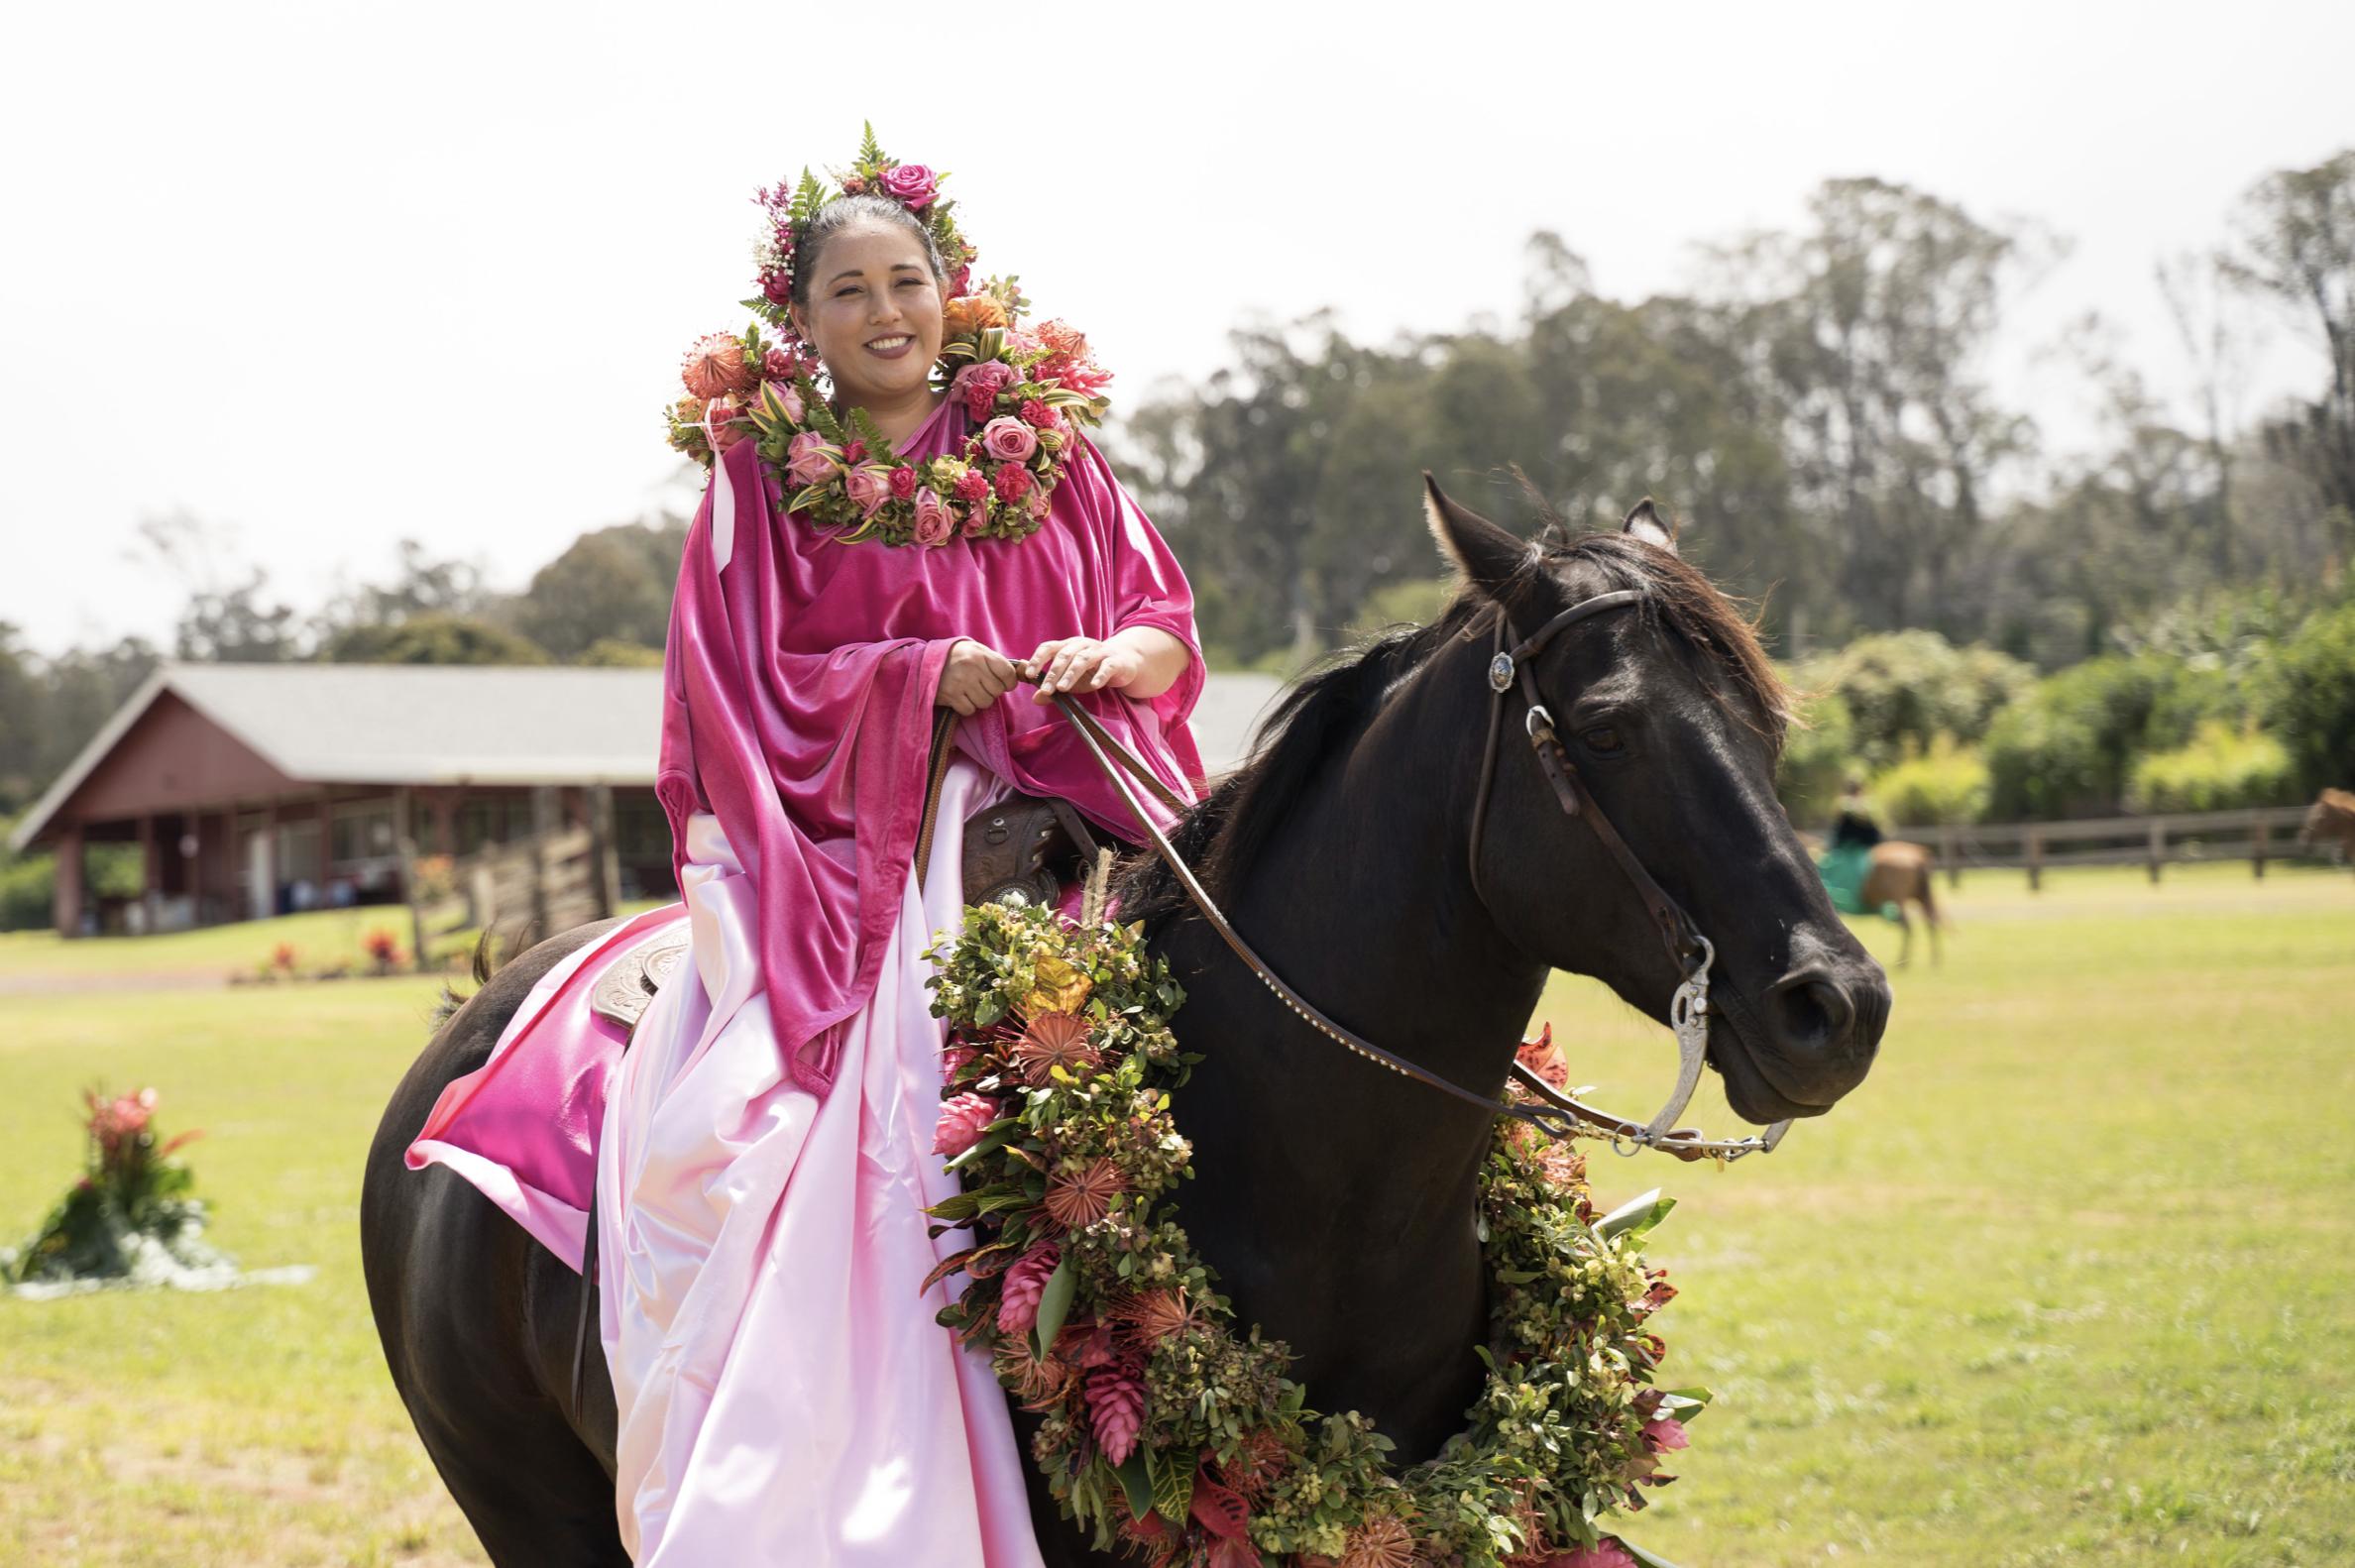 2021 Nā Kamehameha Commemorative Virtual Pā'ū Parade and Ho'olaule'a Releases June 19